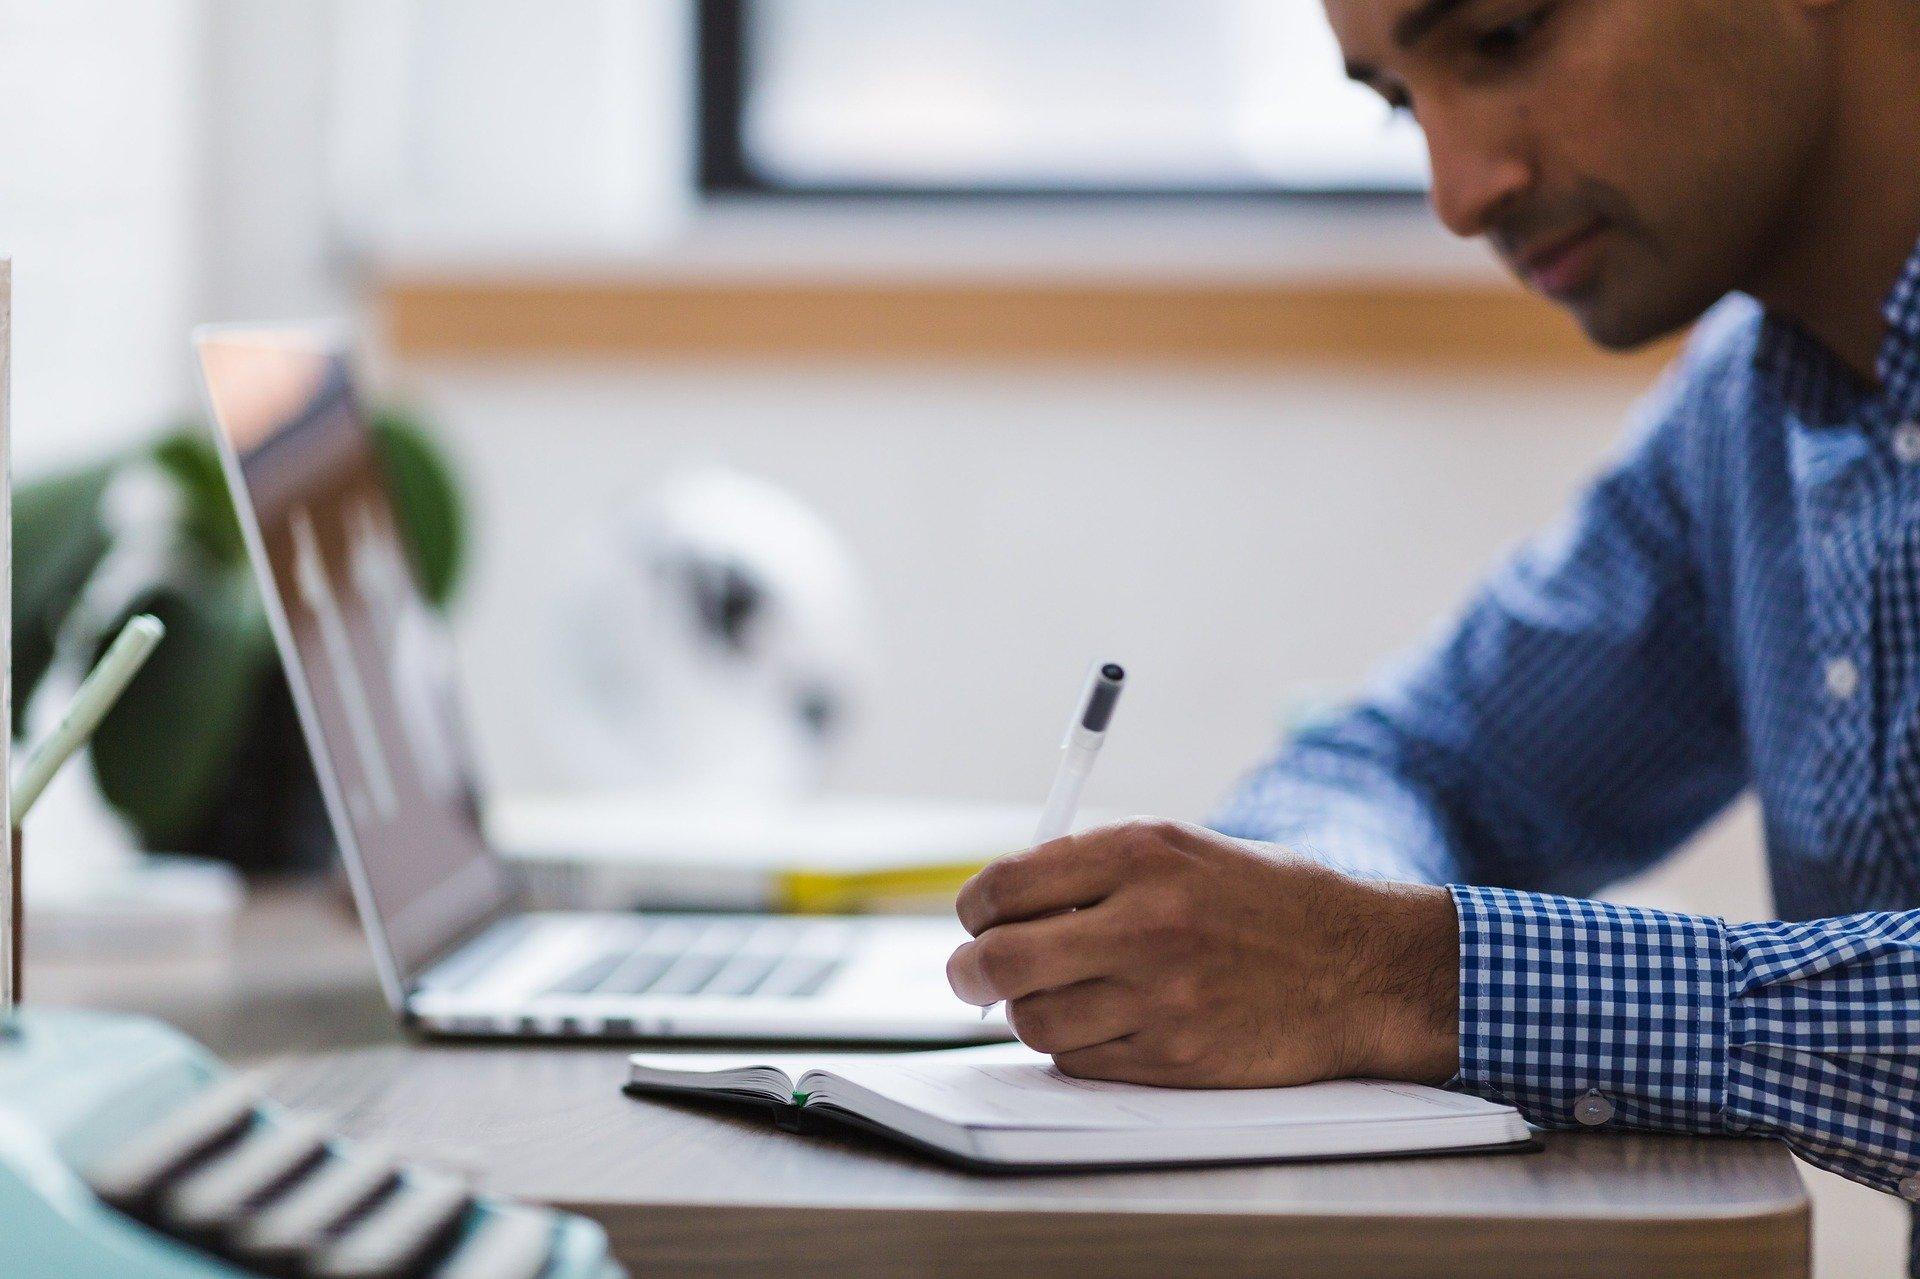 Vemos uma pessoa escrevendo em um caderno em uma mesa de escritório.